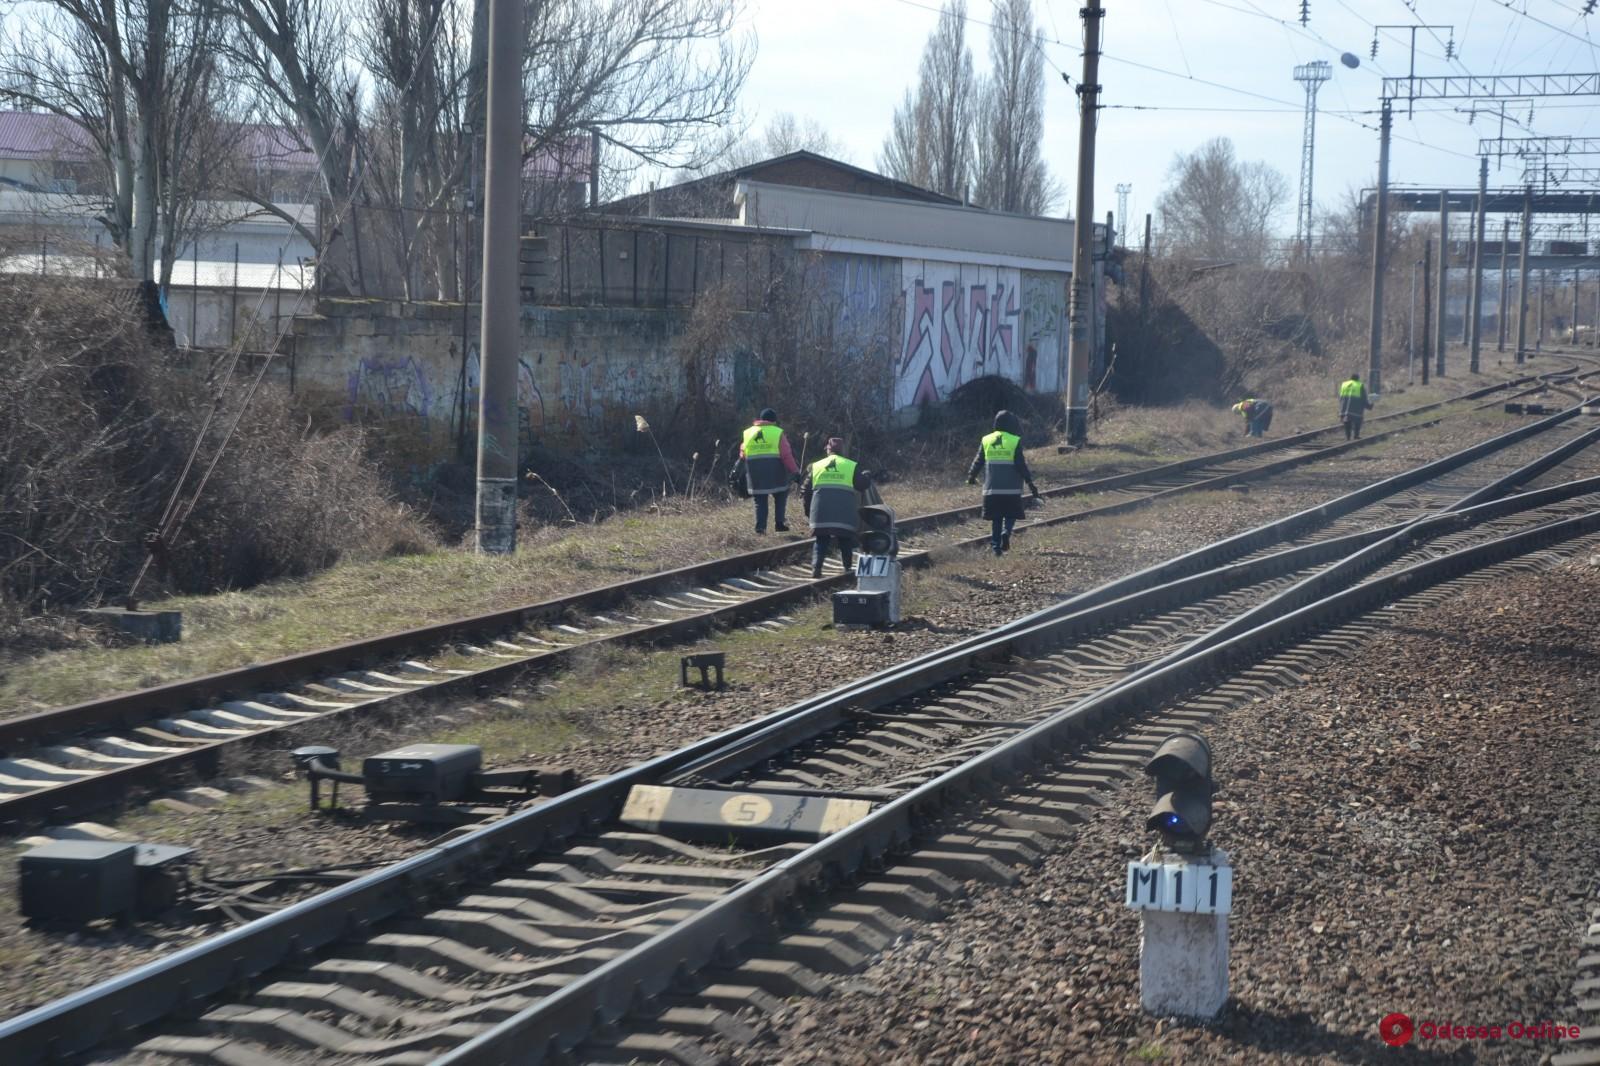 Вице-мэр Дмитрий Жеман проинспектировал санитарное состояние железнодорожных въездов в город